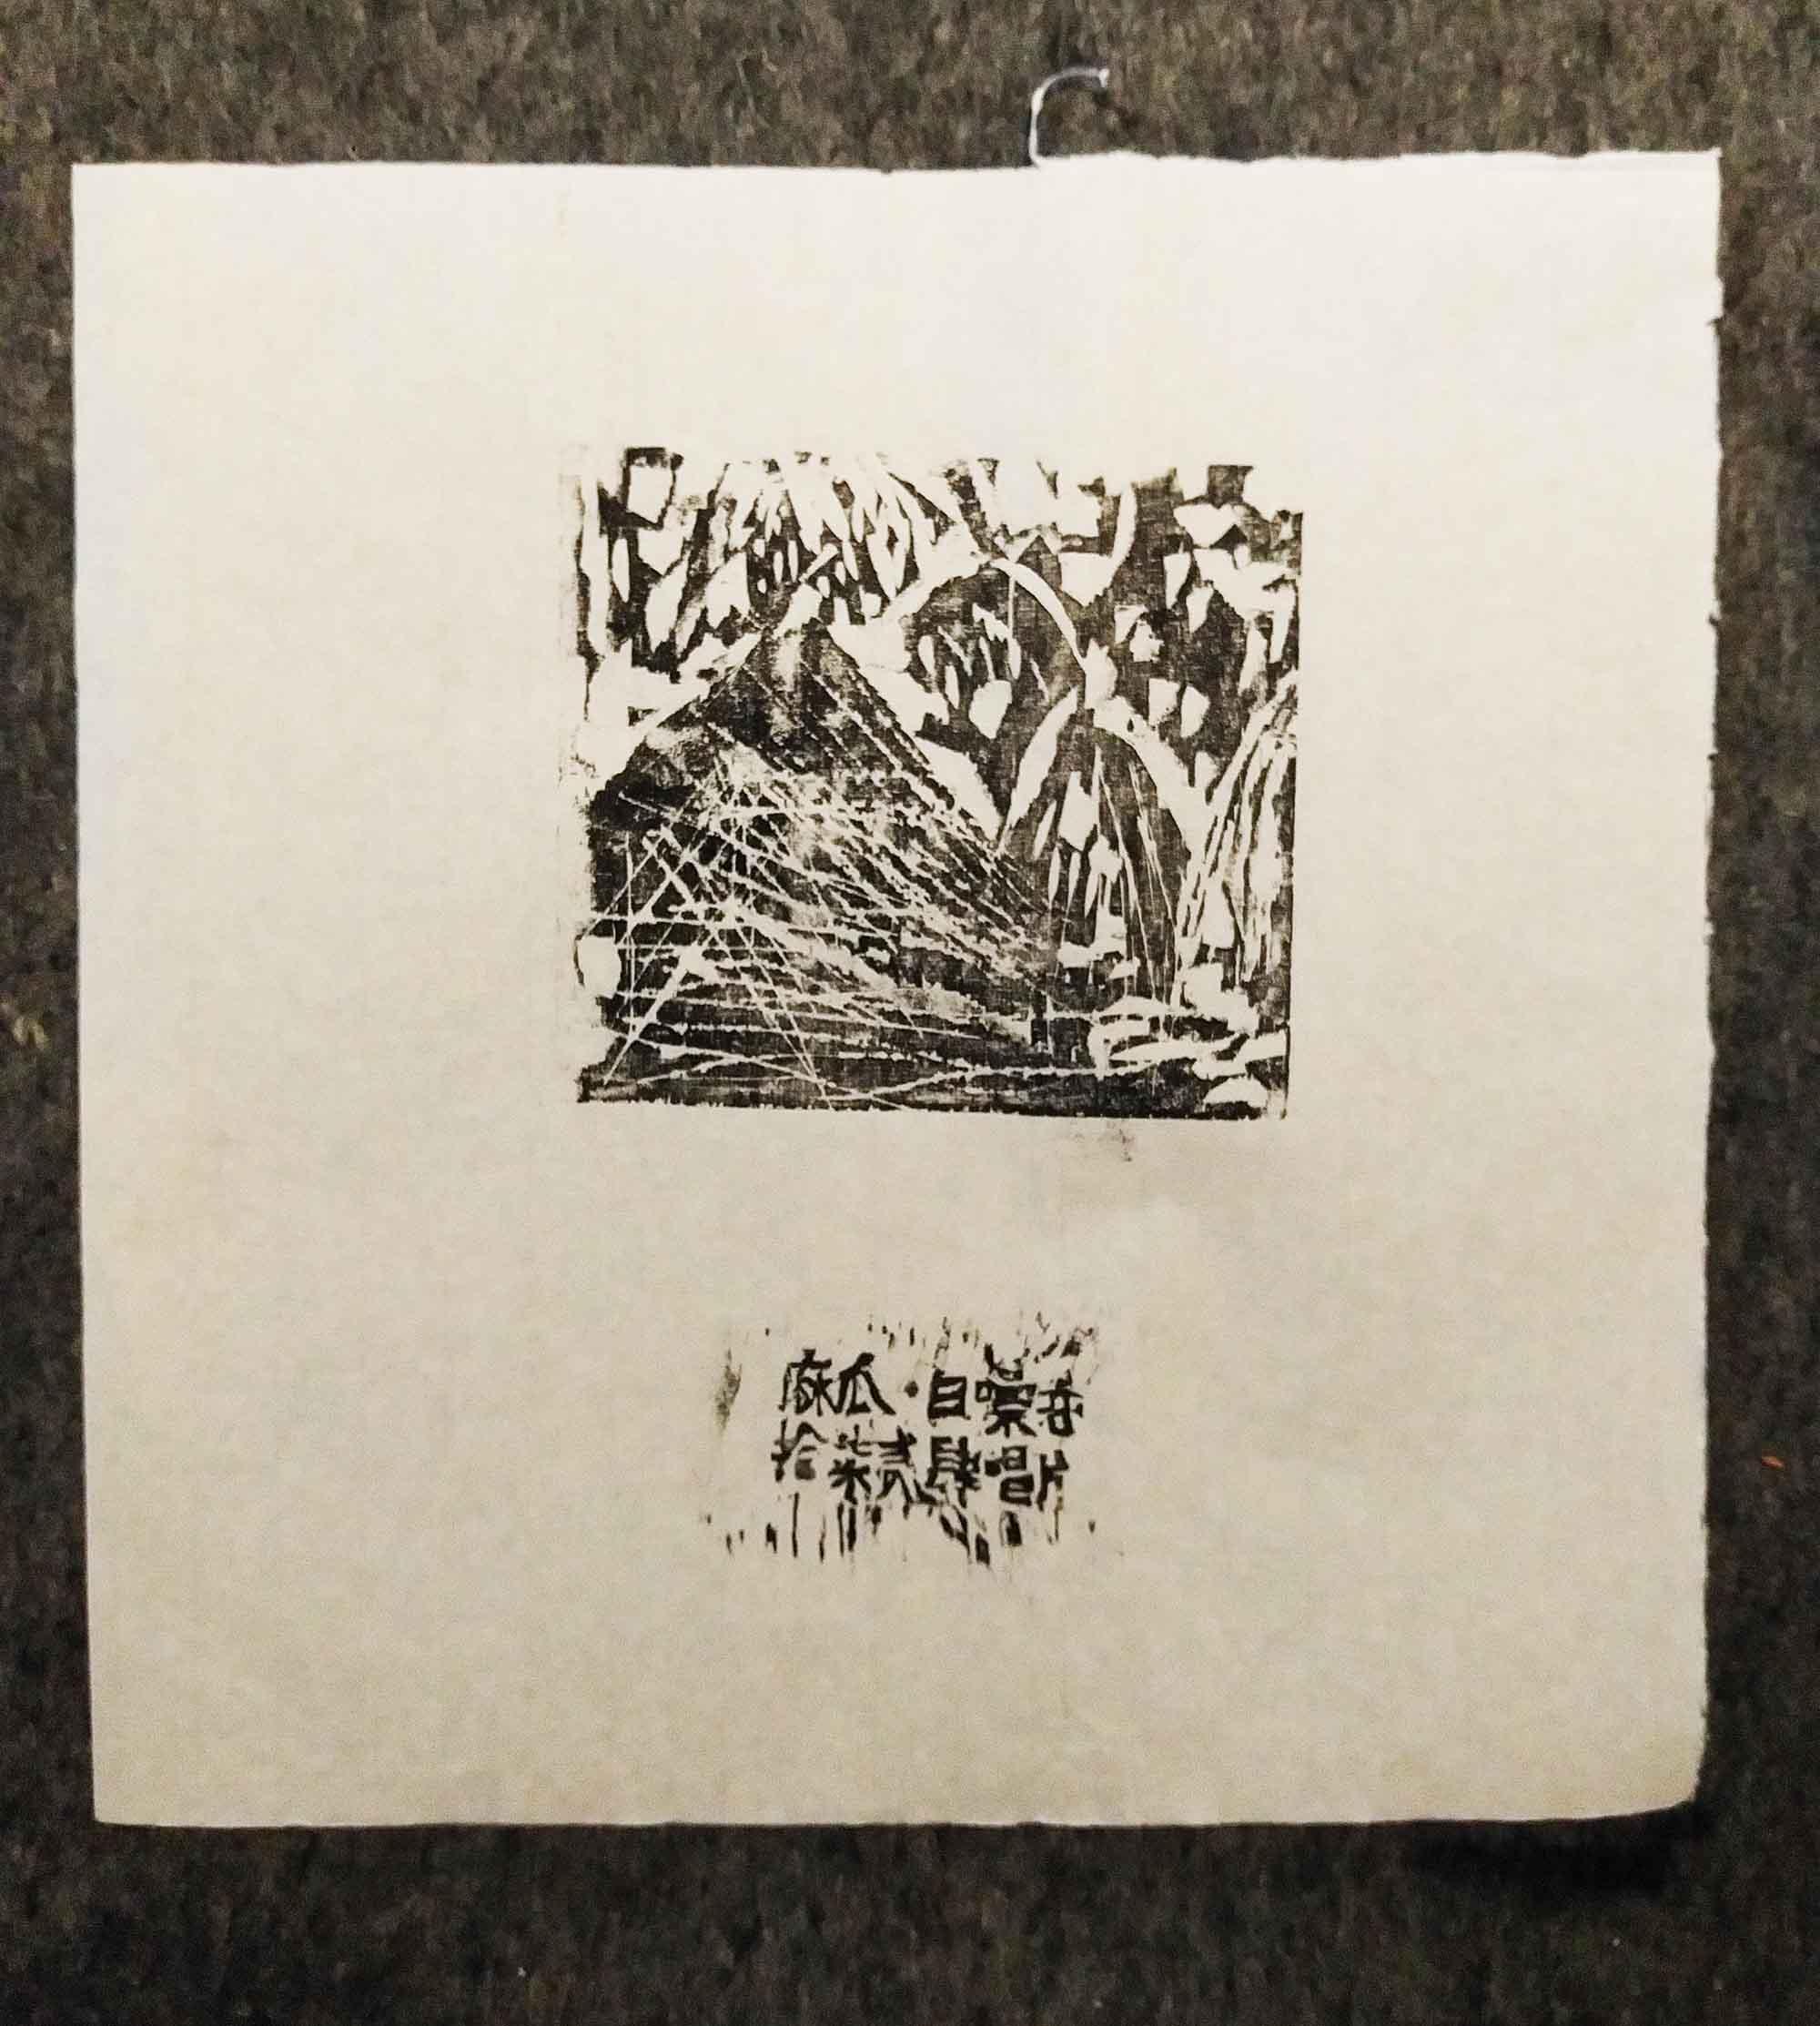 图案三,麻瓜黑胶唱片《白噪音》预售附赠熟宣版画